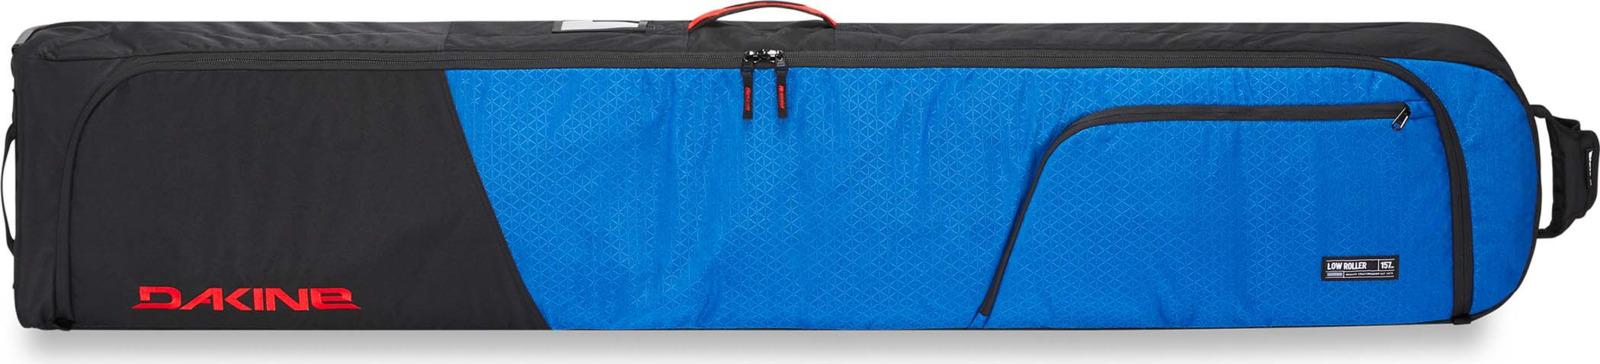 Чехол для перевозки сноубордов (или горных лыж). На колесах. Внутри съемная сумка для ботинок. Снаружи карманы для мелочей. Стенки чехла толстые и мягкие. Они защитят Ваше дорогостоящее оборудование при перевозке. Несколько ручек по периметру для удобства переноски чехла. Одна из ручек имеет специальную конструкцию, что бы состегивать ее с ручкой сумки на колесах. В такой чехол можно положить пару досок (одну без креплений), ботинки и часть одежды. Многие авиалинии допускают бесплатный провоз такого чехла в зимний период. Чехол промаркирован цифрами, соответствующими размеру доски, которую в него можно положить. Но, есть 2-3 см запас. Если у Вас доска очень длинная, длиннее 175 см - обратите внимание на чехол для лыж Fall line ski roller. Это практически такой же чехол, с теми же габаритами, но более длинный. Вес пустого чехла около 4 кг. Габариты: 178х30х15 см.